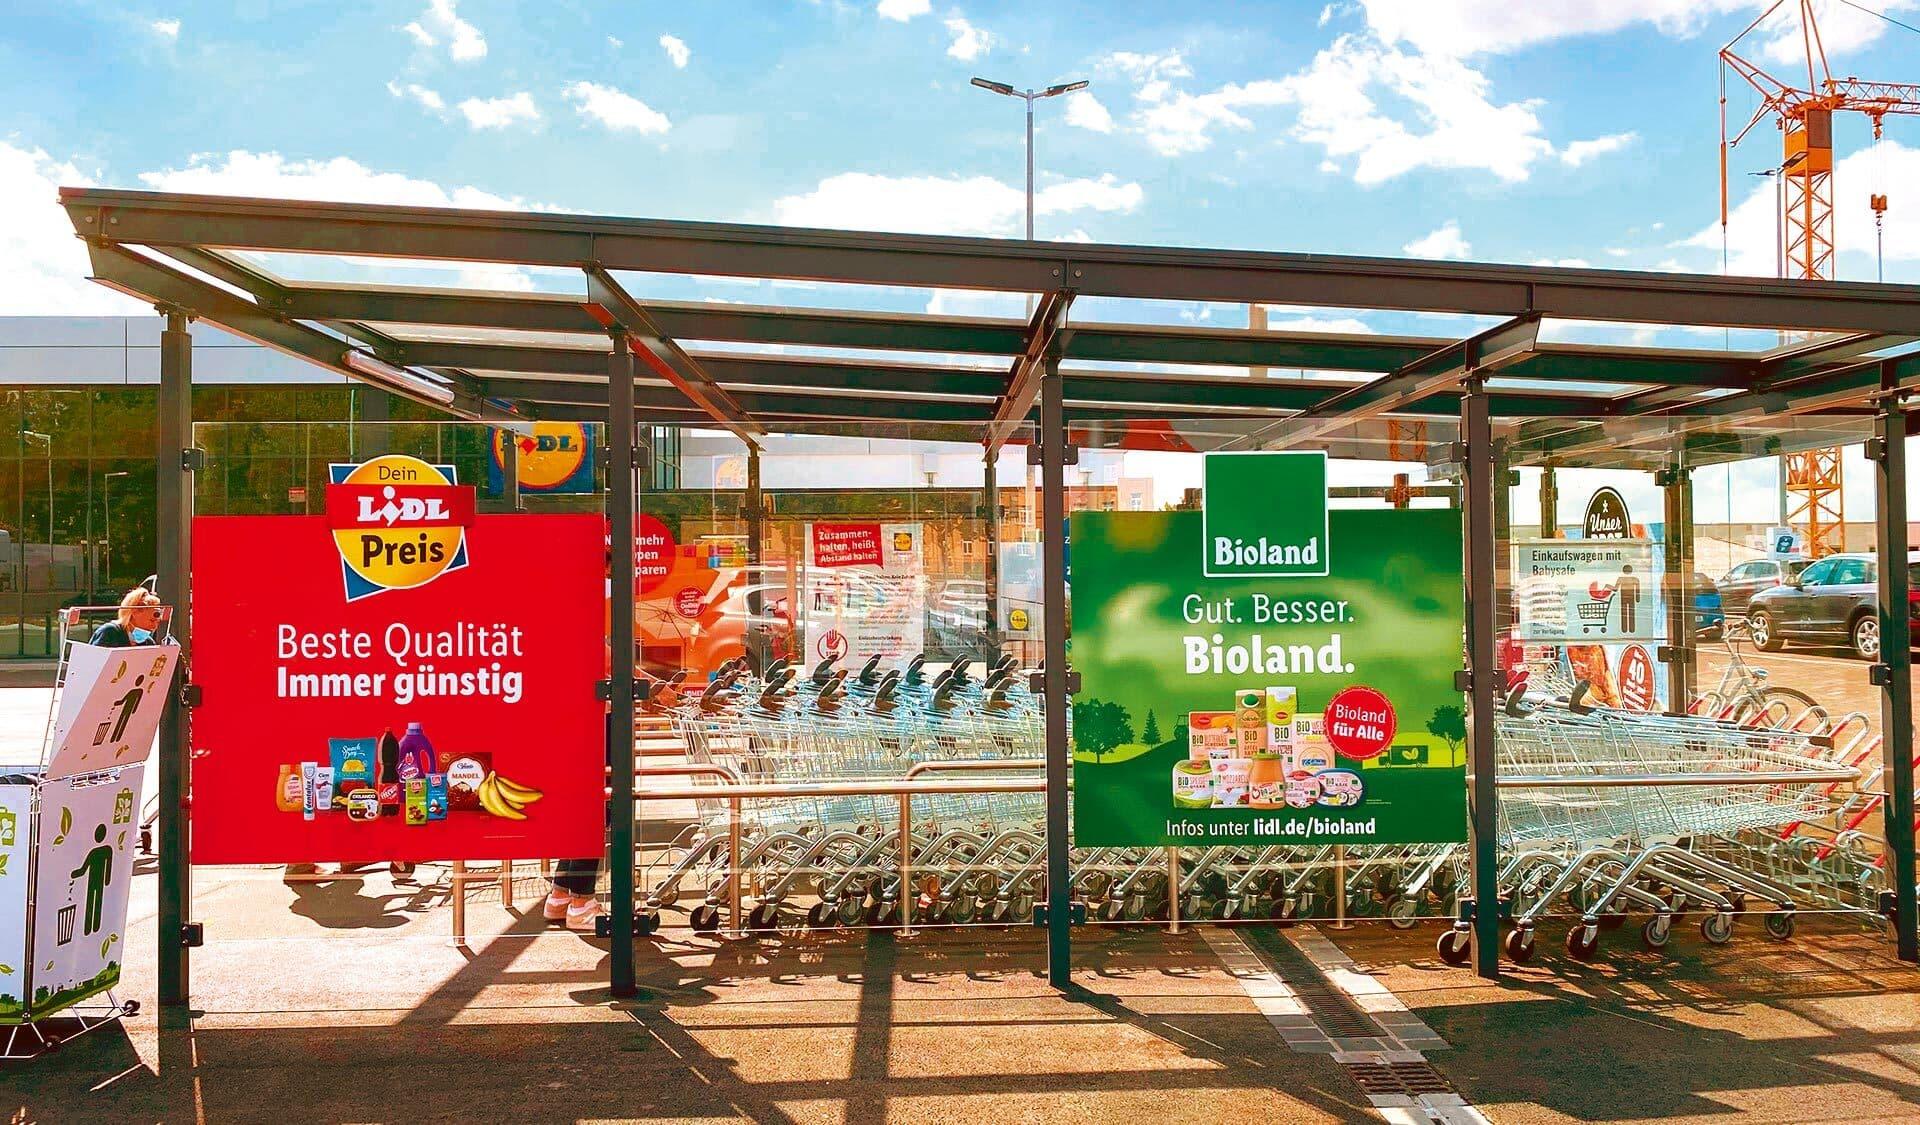 Bioland-Werbung bei Lidl